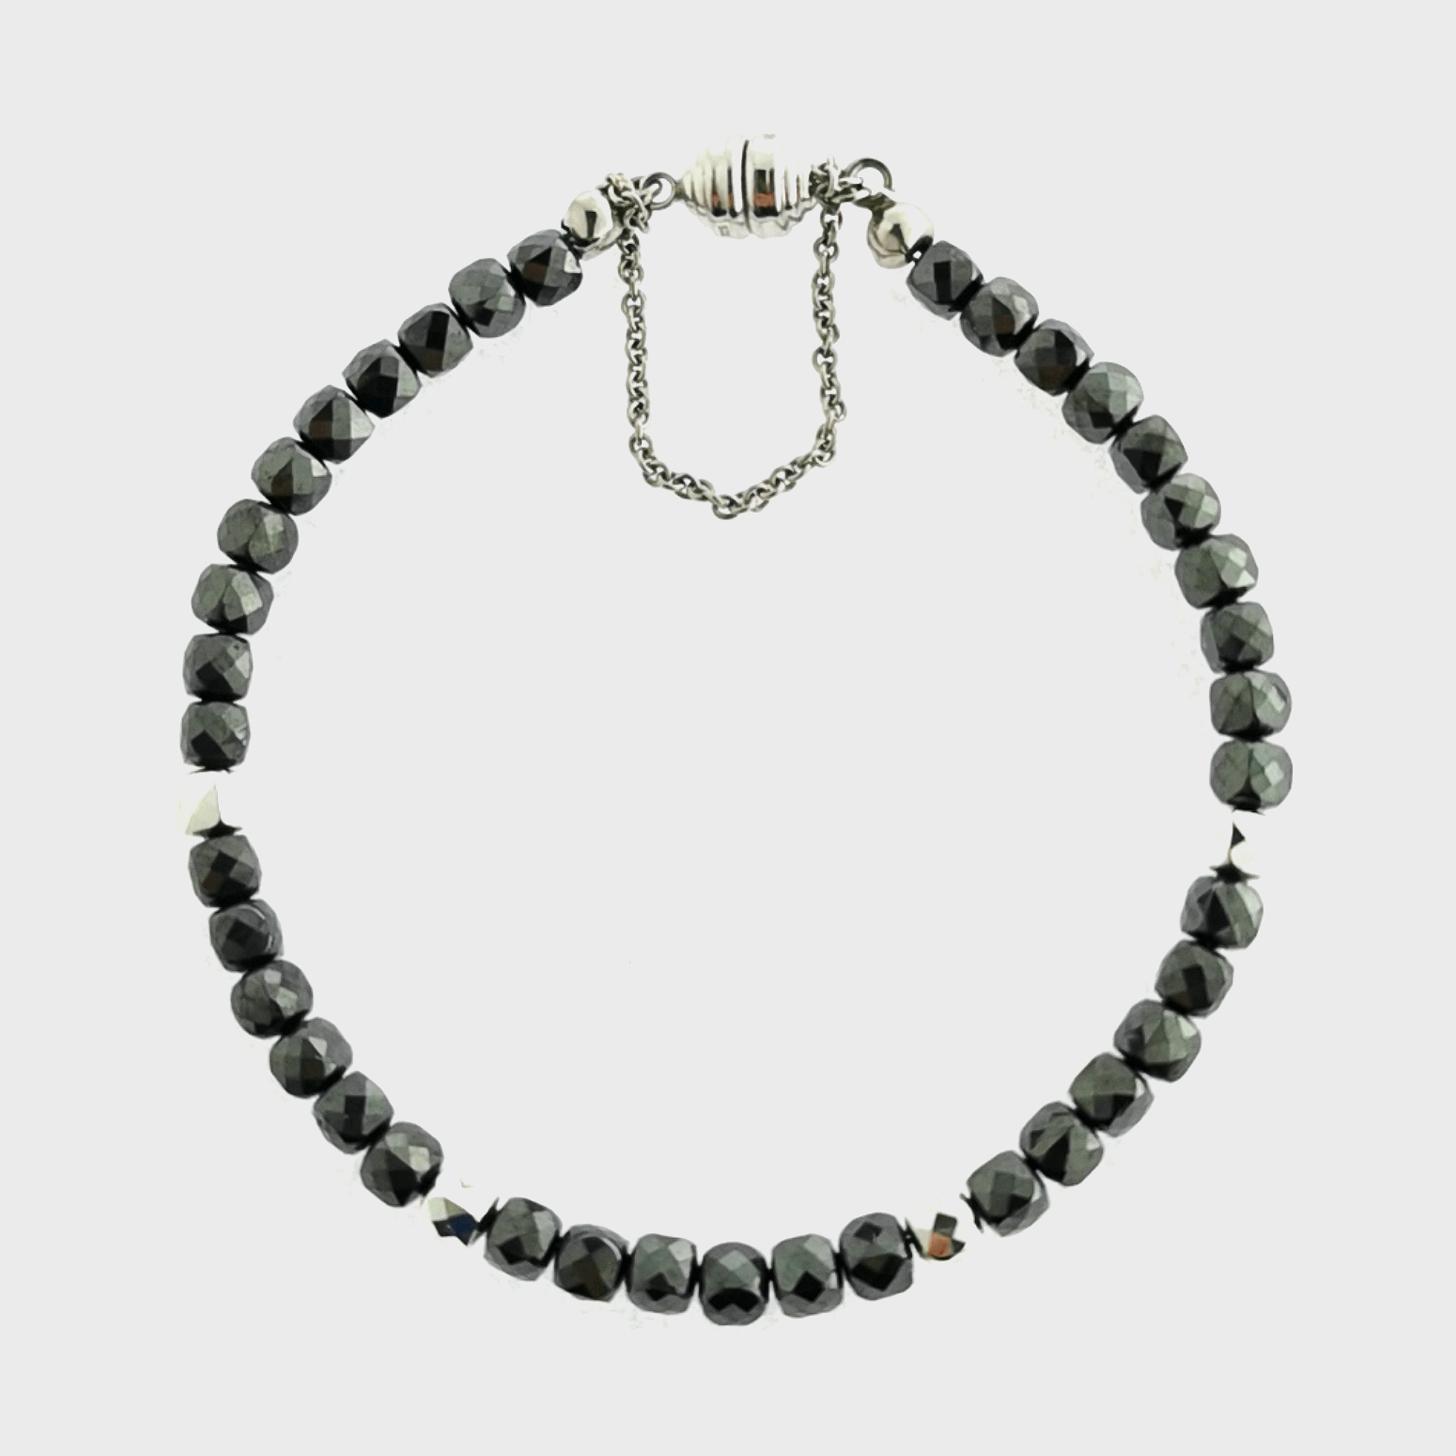 """Armband mit Hämatit & Hämatit silvercoated,  ca. 50 ct ca. 20 cm, Edelstein echt, Magnetverschluss """"Carat 3000"""", 925 Sterling Silber, rhodiniert, Silberzeit"""